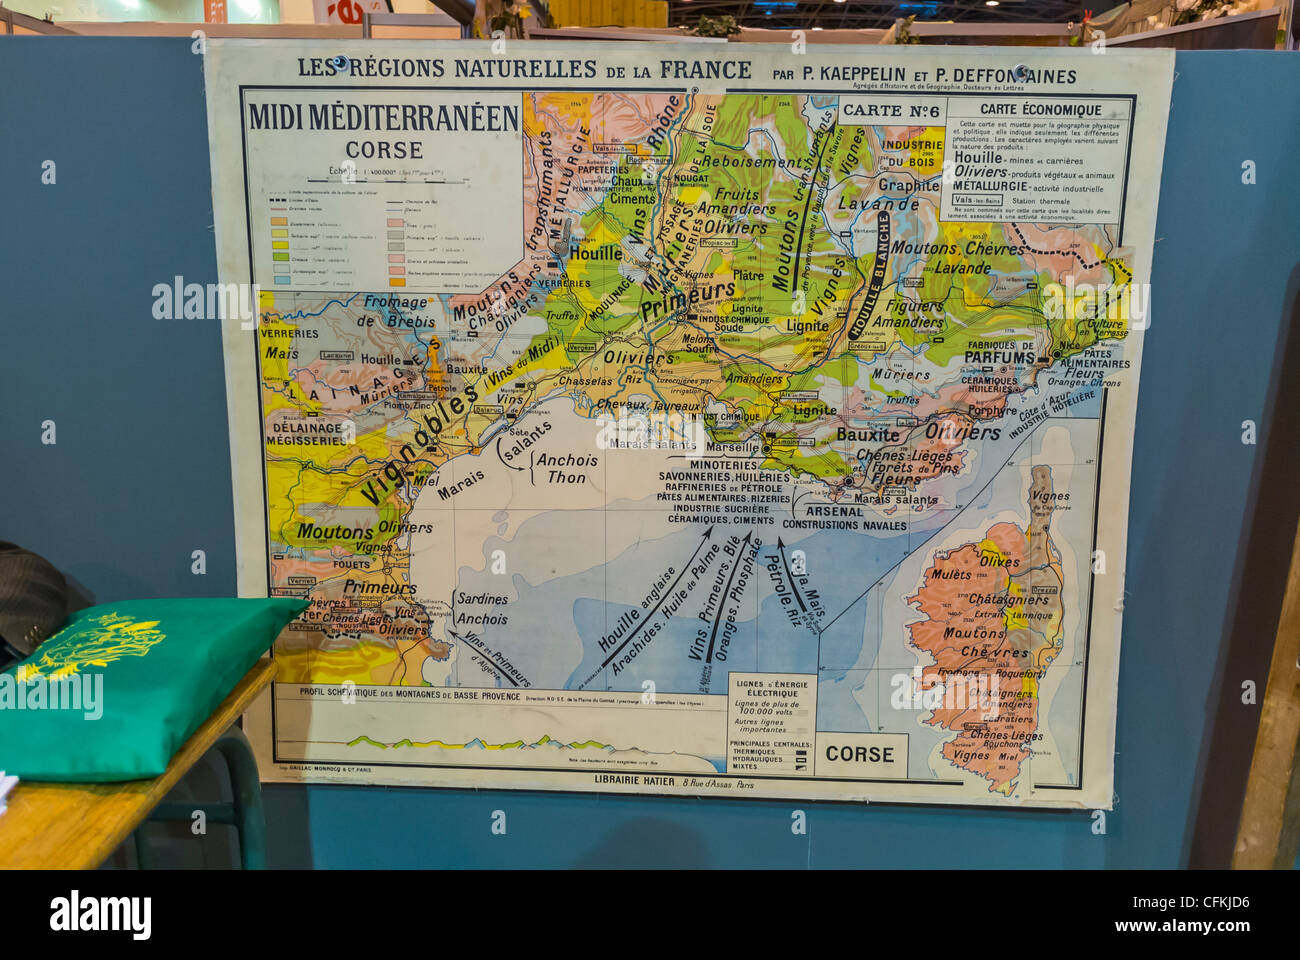 Old world map illustration stock photos old world map illustration old economic map of france salon du livre stock image gumiabroncs Choice Image